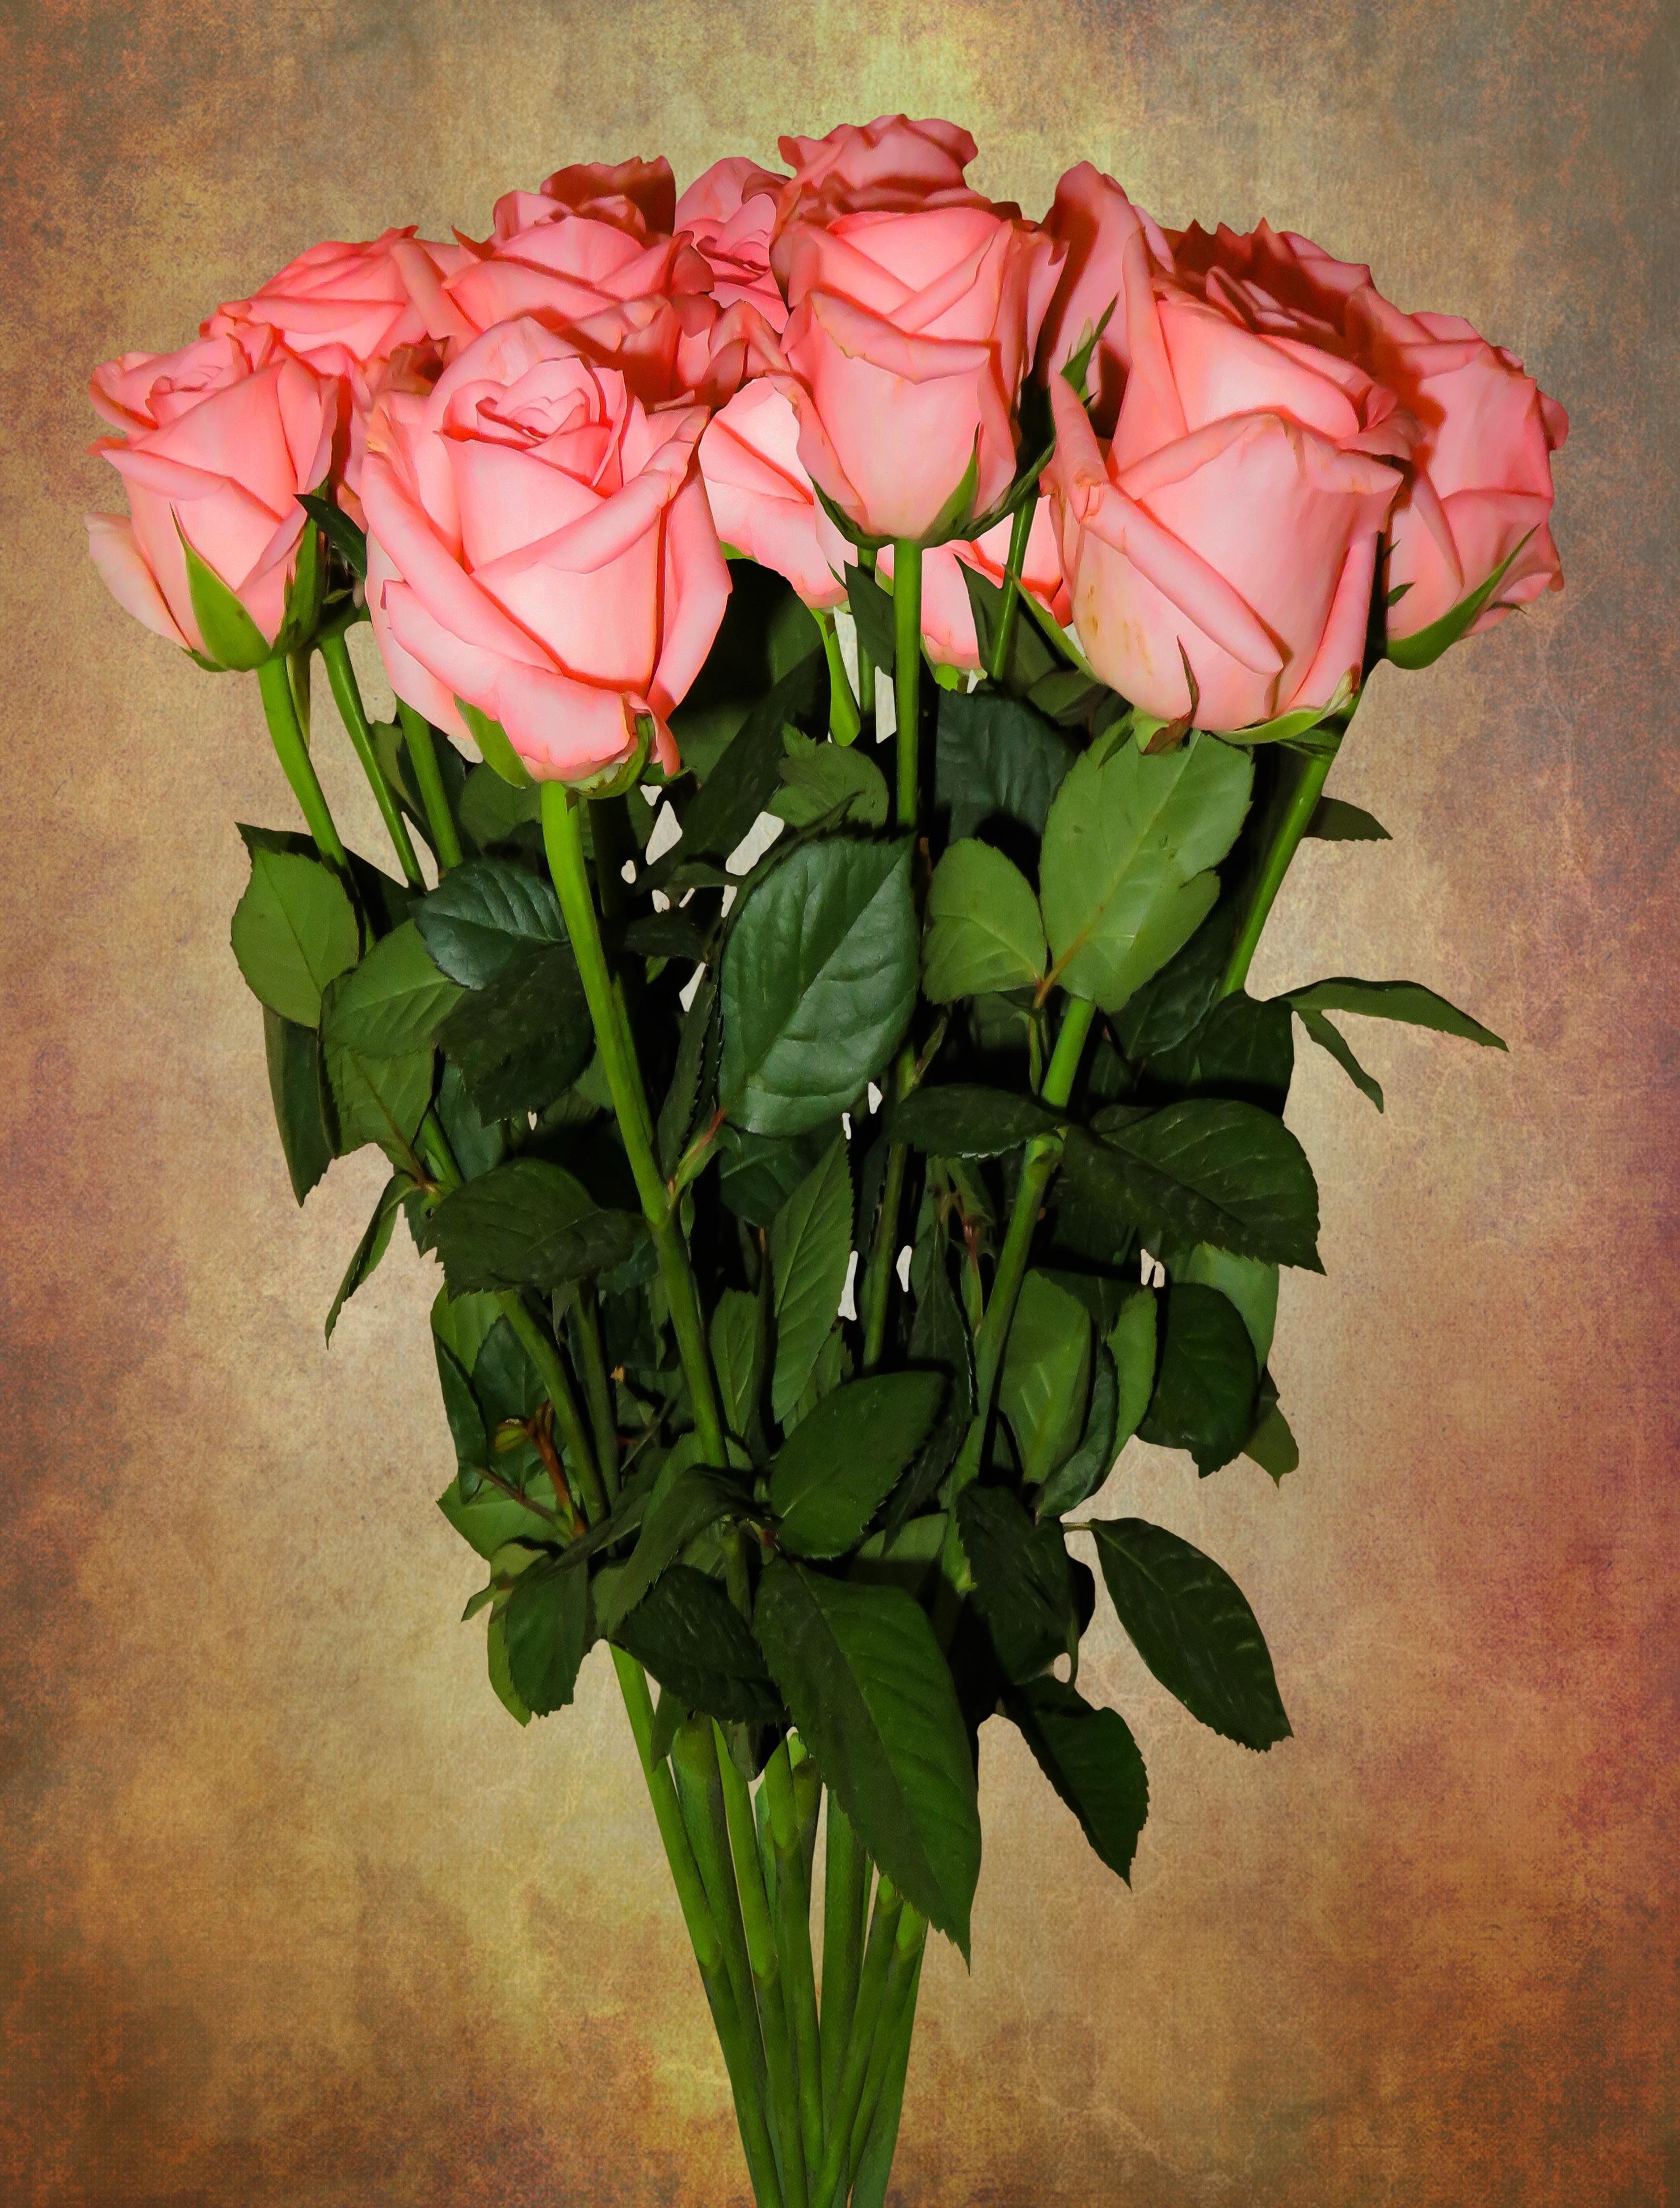 Geburtstagstrauß Geburtstag Strauß Blumen Rosen Hochzeitsstrauß Valentinstag  Blühen Blühen Rosa Glückwünsche Rosenstrauß Dekoration Rose Blühen Liebe